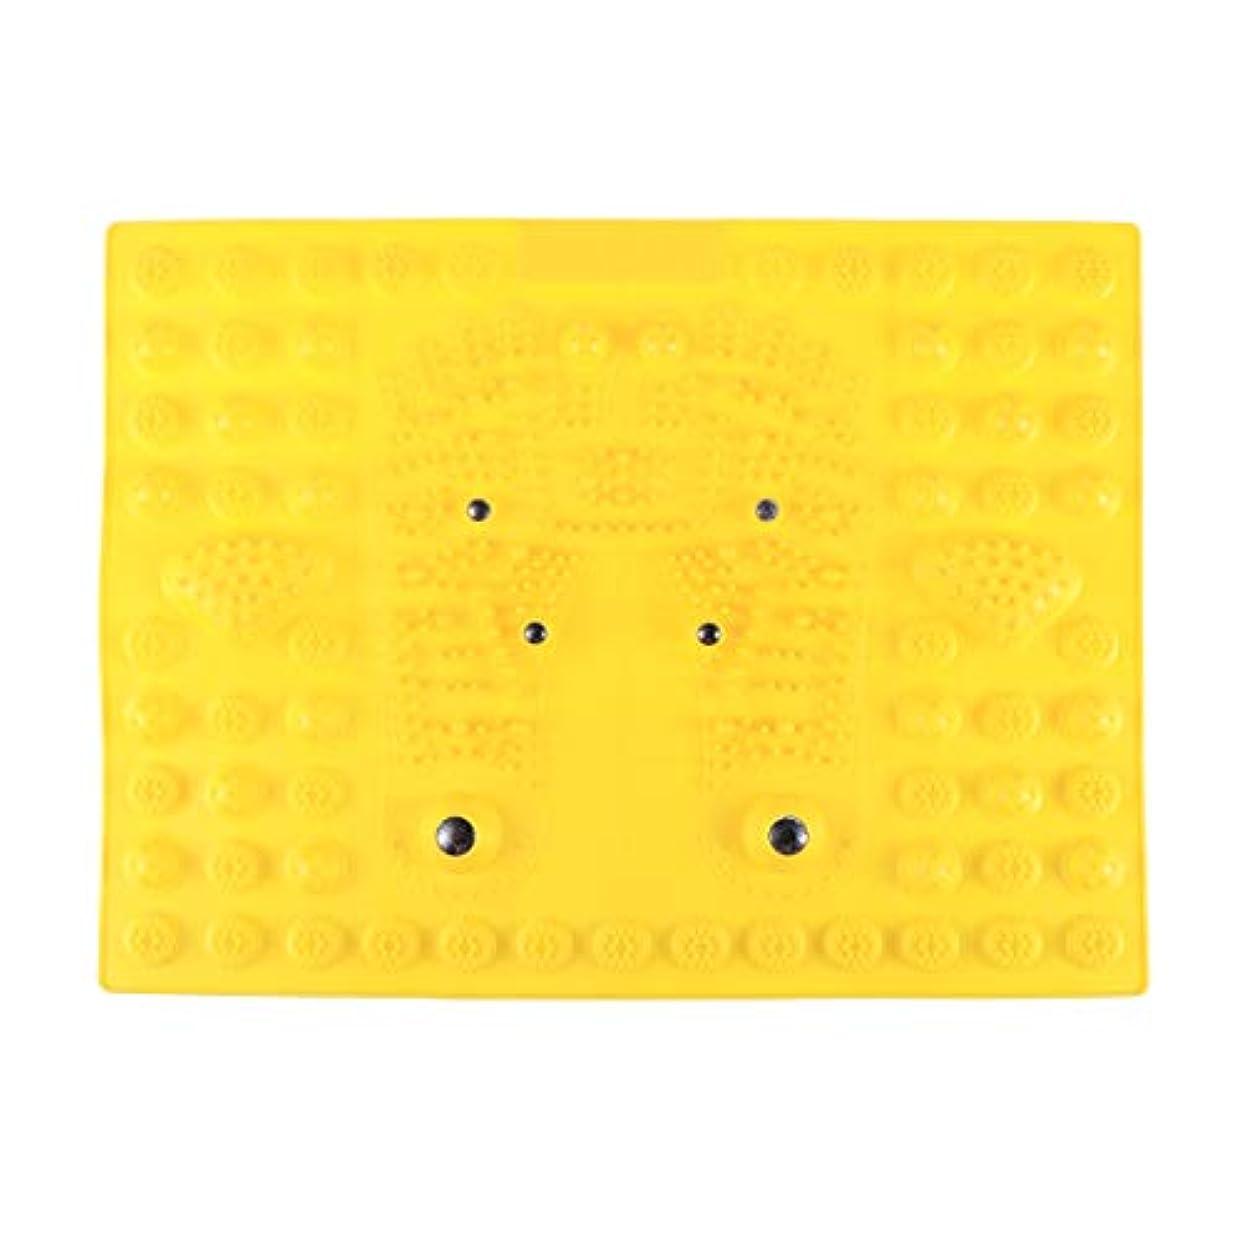 誤解する運動密度SUPVOX フットマッサージマット指圧リラクゼーションリフレクソロジーマット磁気療法フィートマット(イエロー)